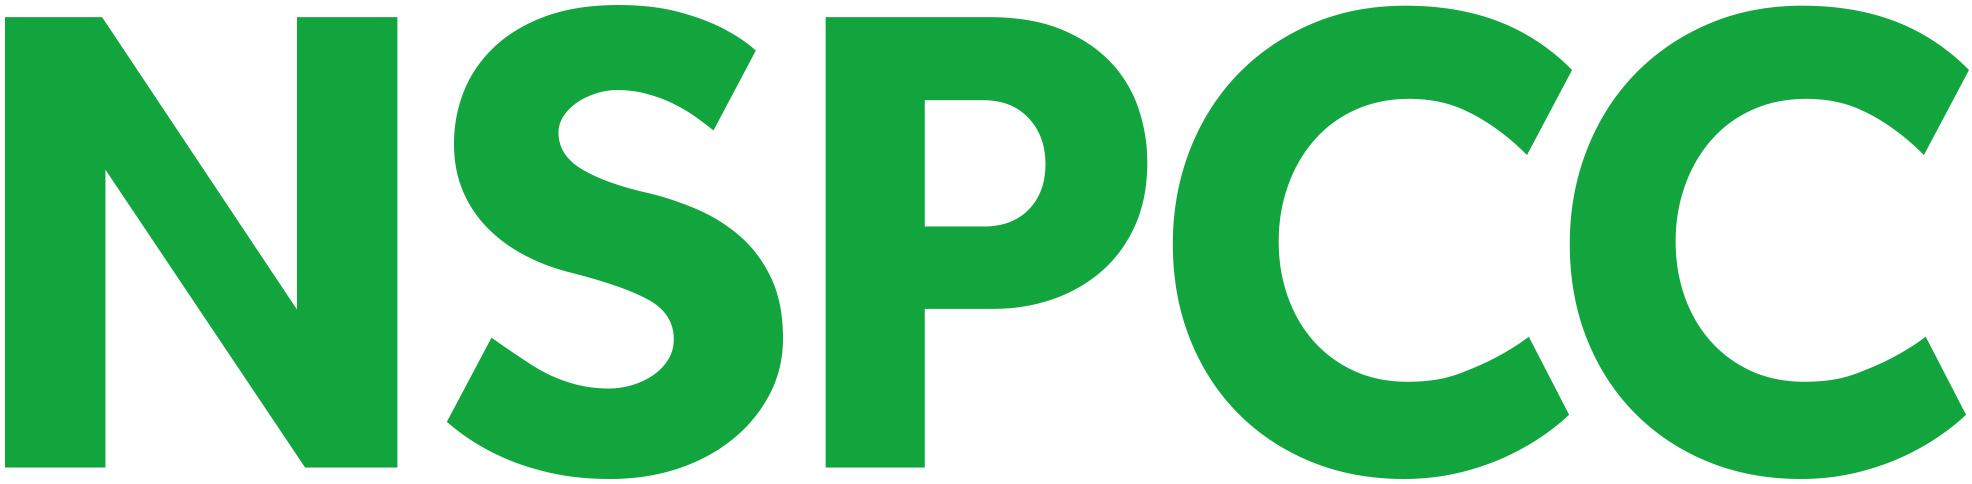 nspcc_logo_v1